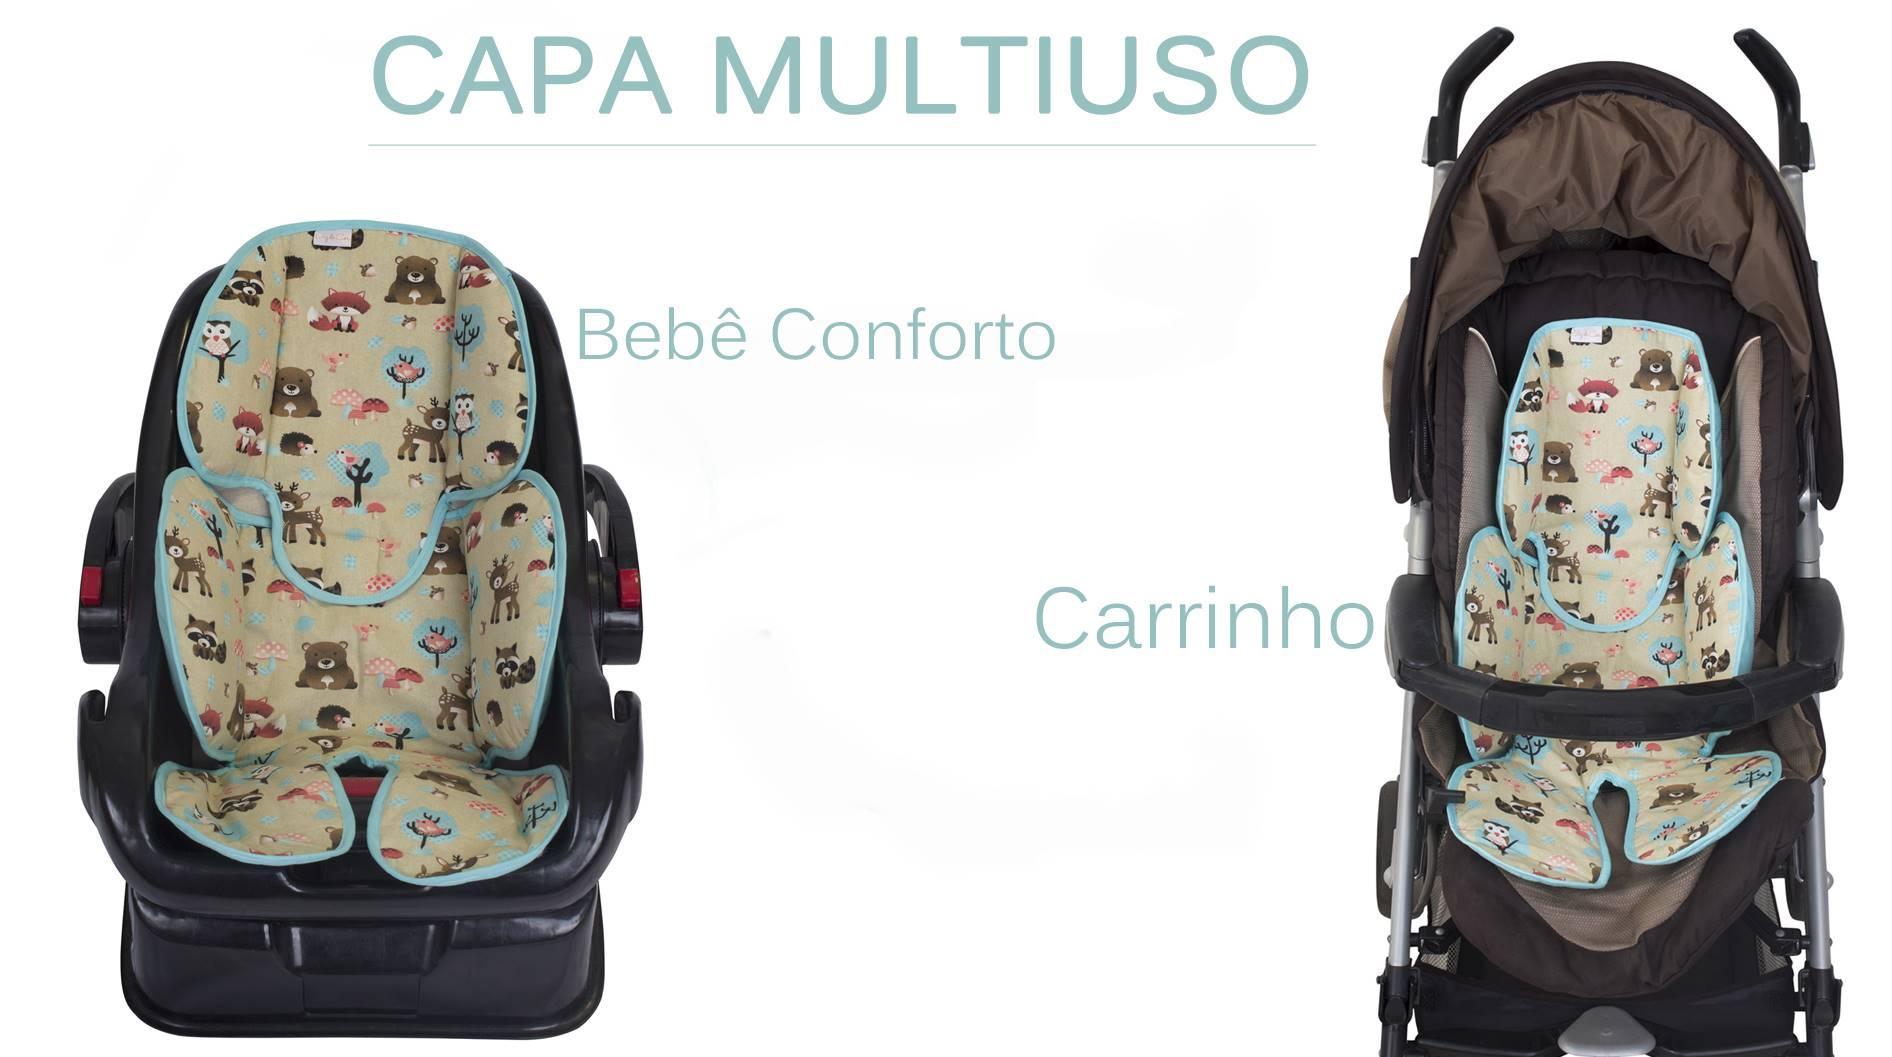 Redutor de Bebê Conforto e Carrinho Guaxinim   - Toca do Bebê